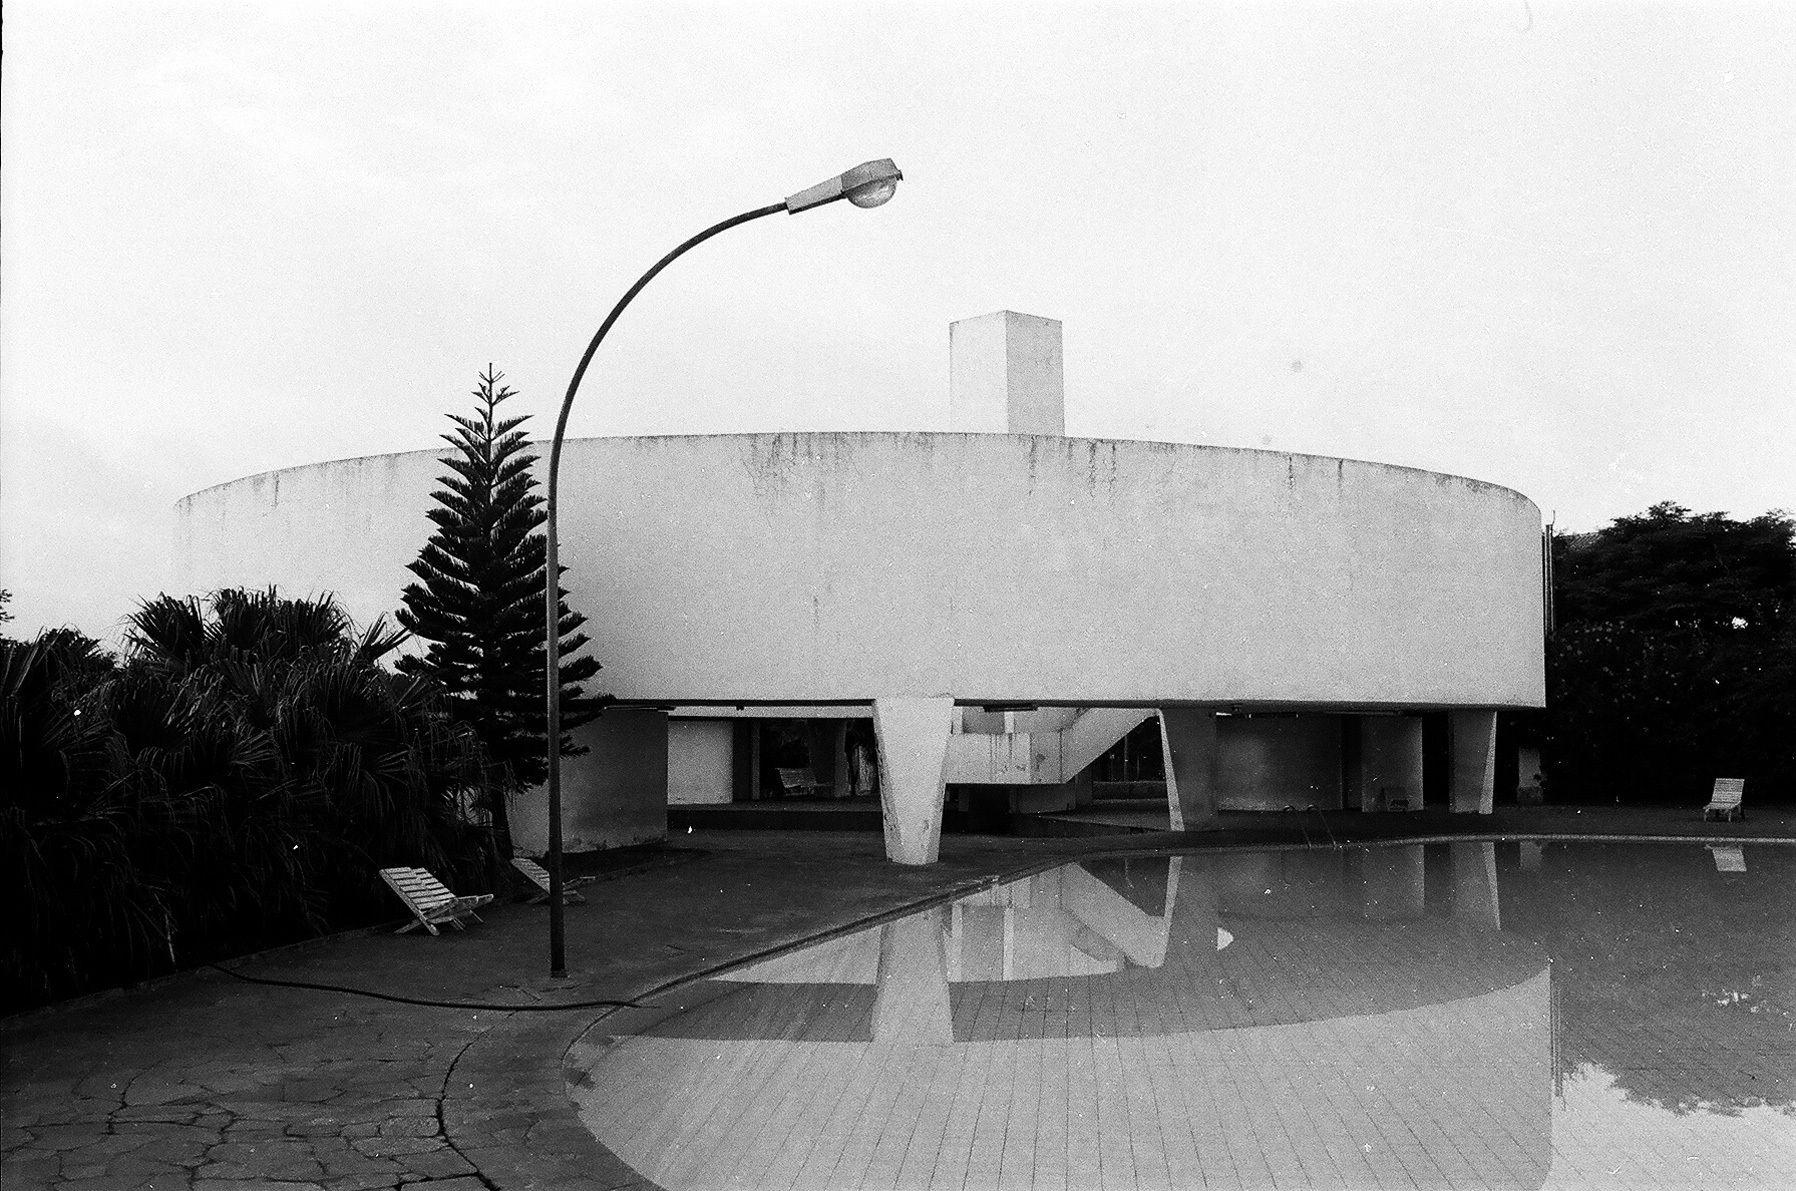 joão batista vilanova artigas 1915-1985   cronologia de vida e obra